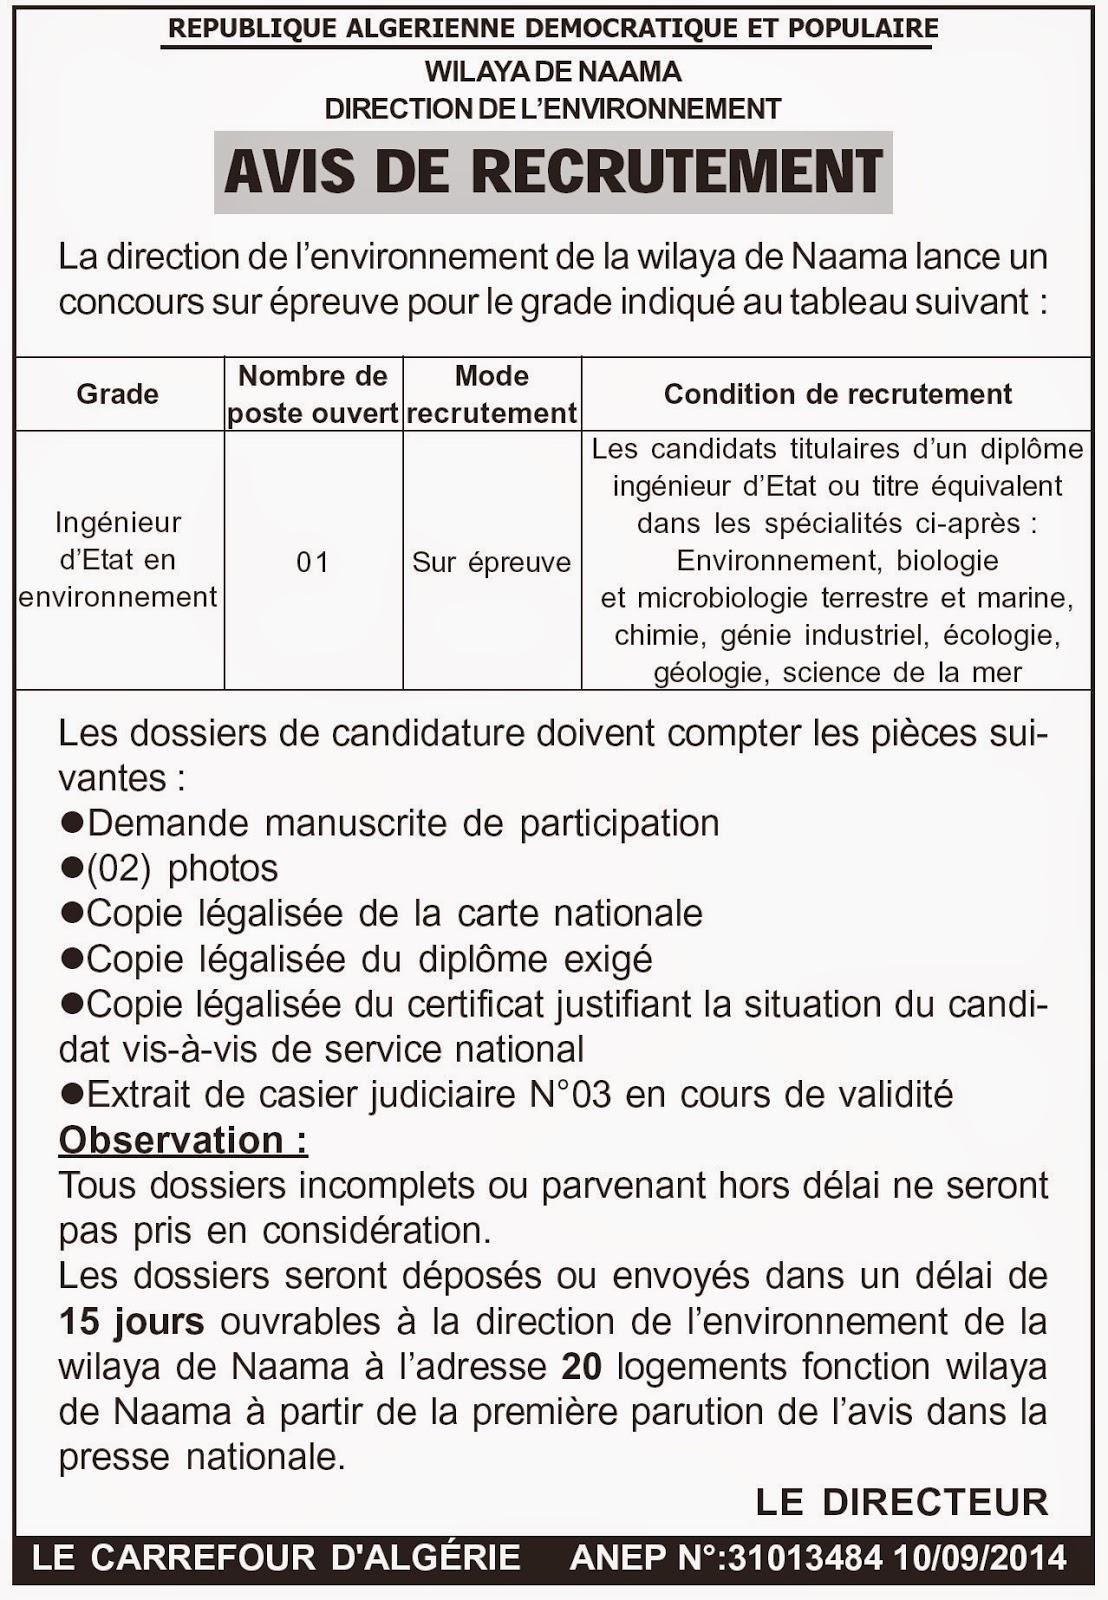 إعلان مسابقة توظيف في مديرية البيئة لولاية النعامة سبتمبر 2014